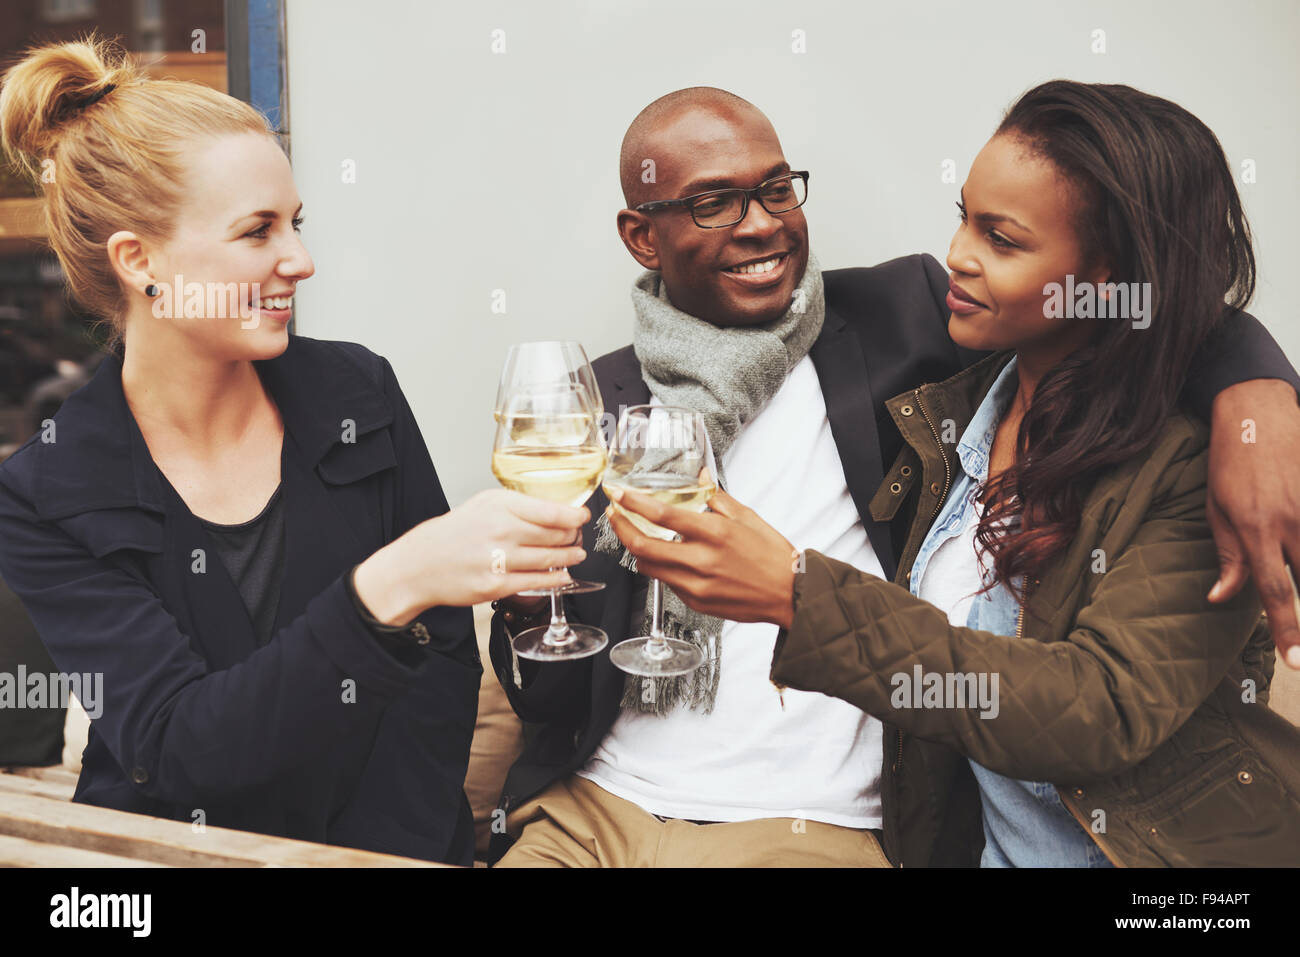 Trois amis ethniques ayant un bon moment sur un café Photo Stock